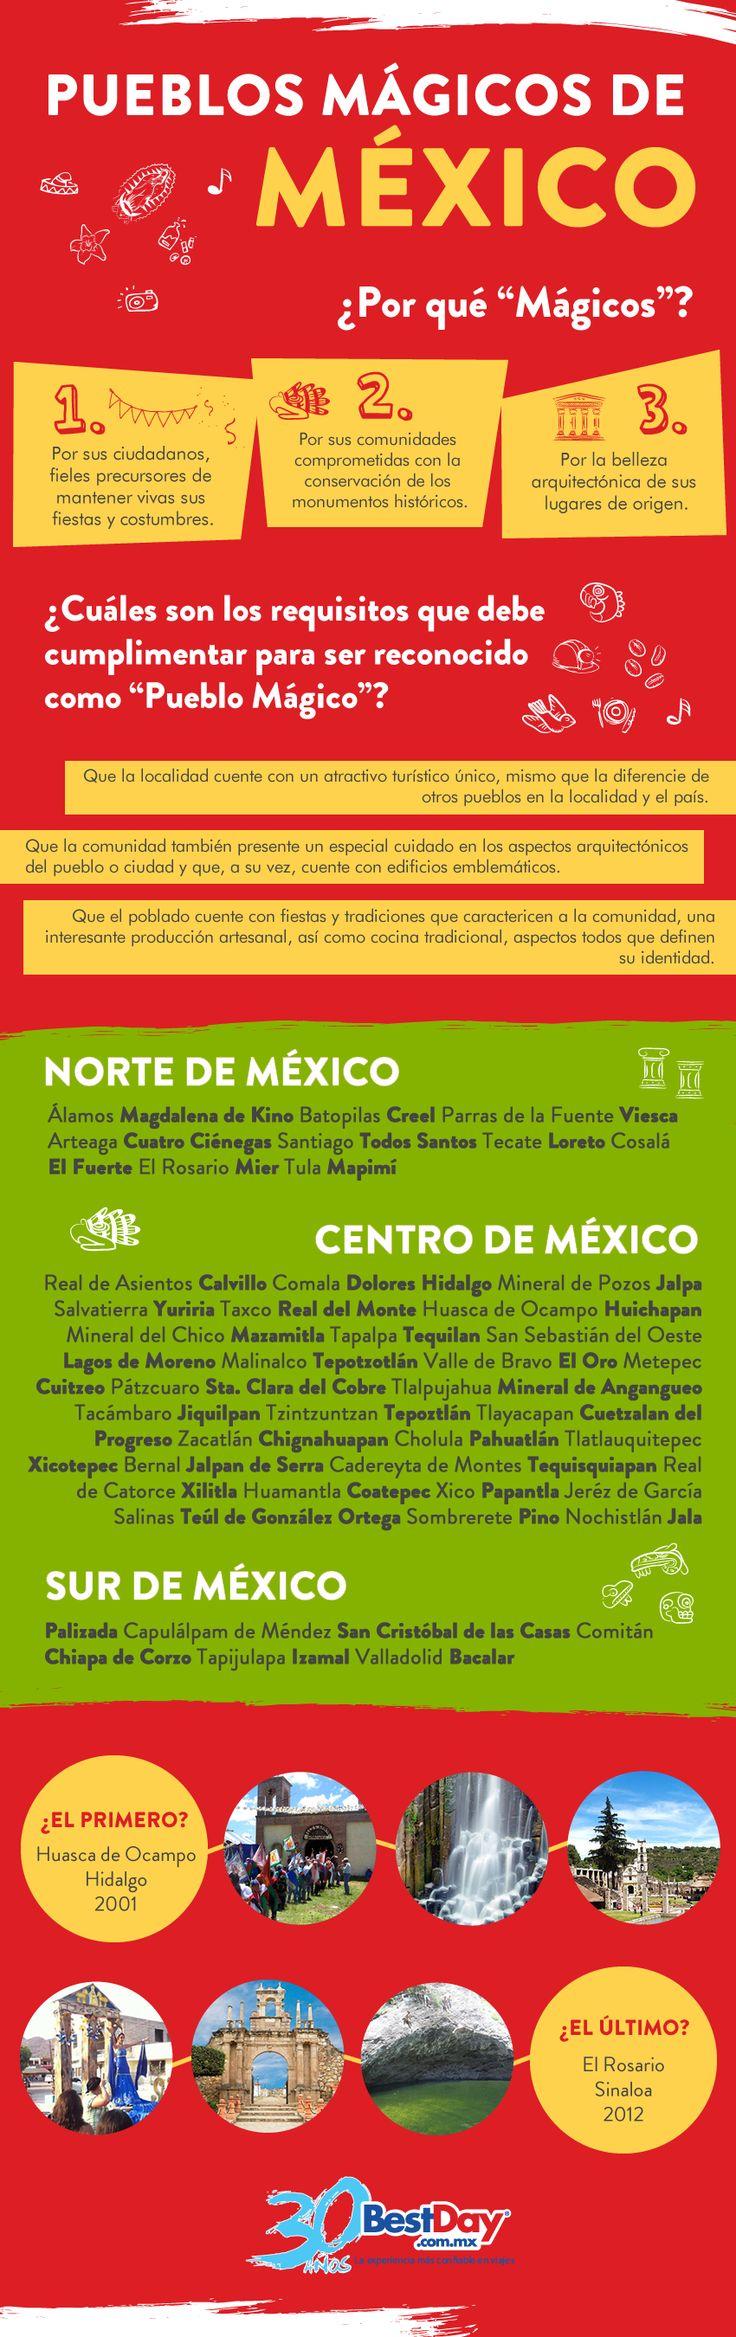 Pueblos Mágicos Mexicanos, excelente infografía https://www.vinetur.com/posts/1699-pueblos-magicos-mexicanos-hermosa-imagen-que-los-describe.html